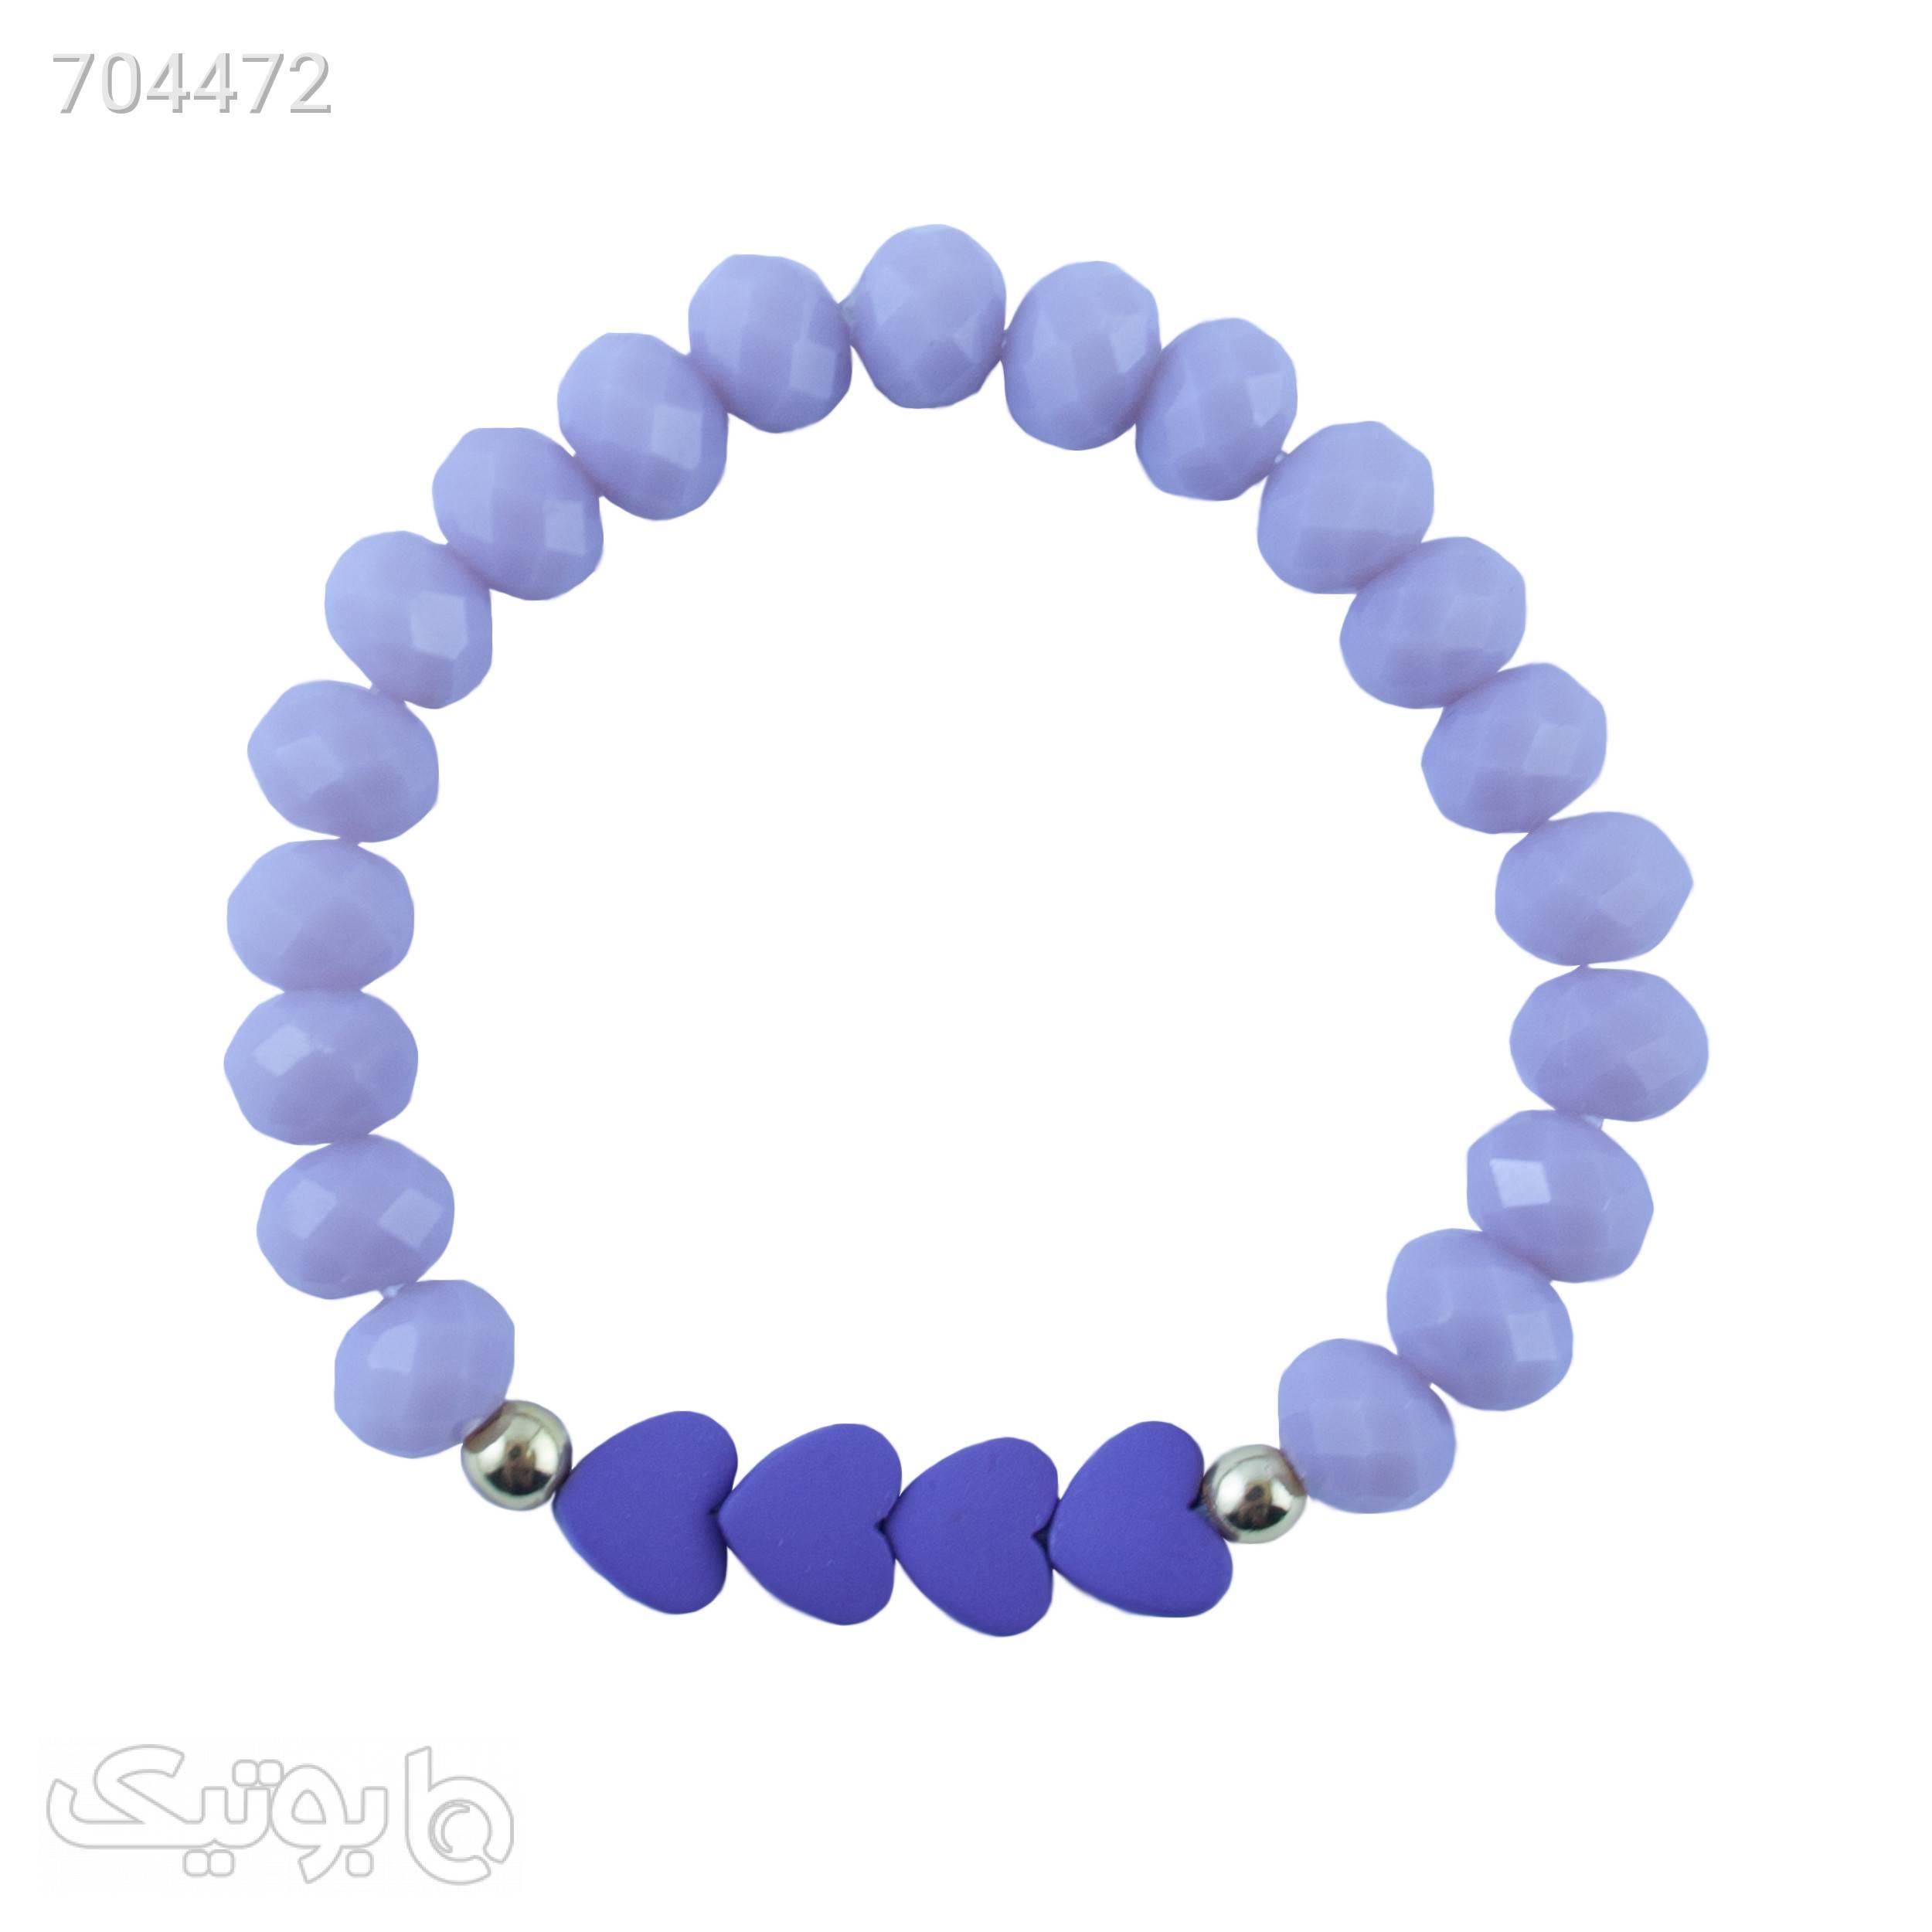 دستبند زنانه طرح قلب کد 1096 طوسی دستبند و پابند